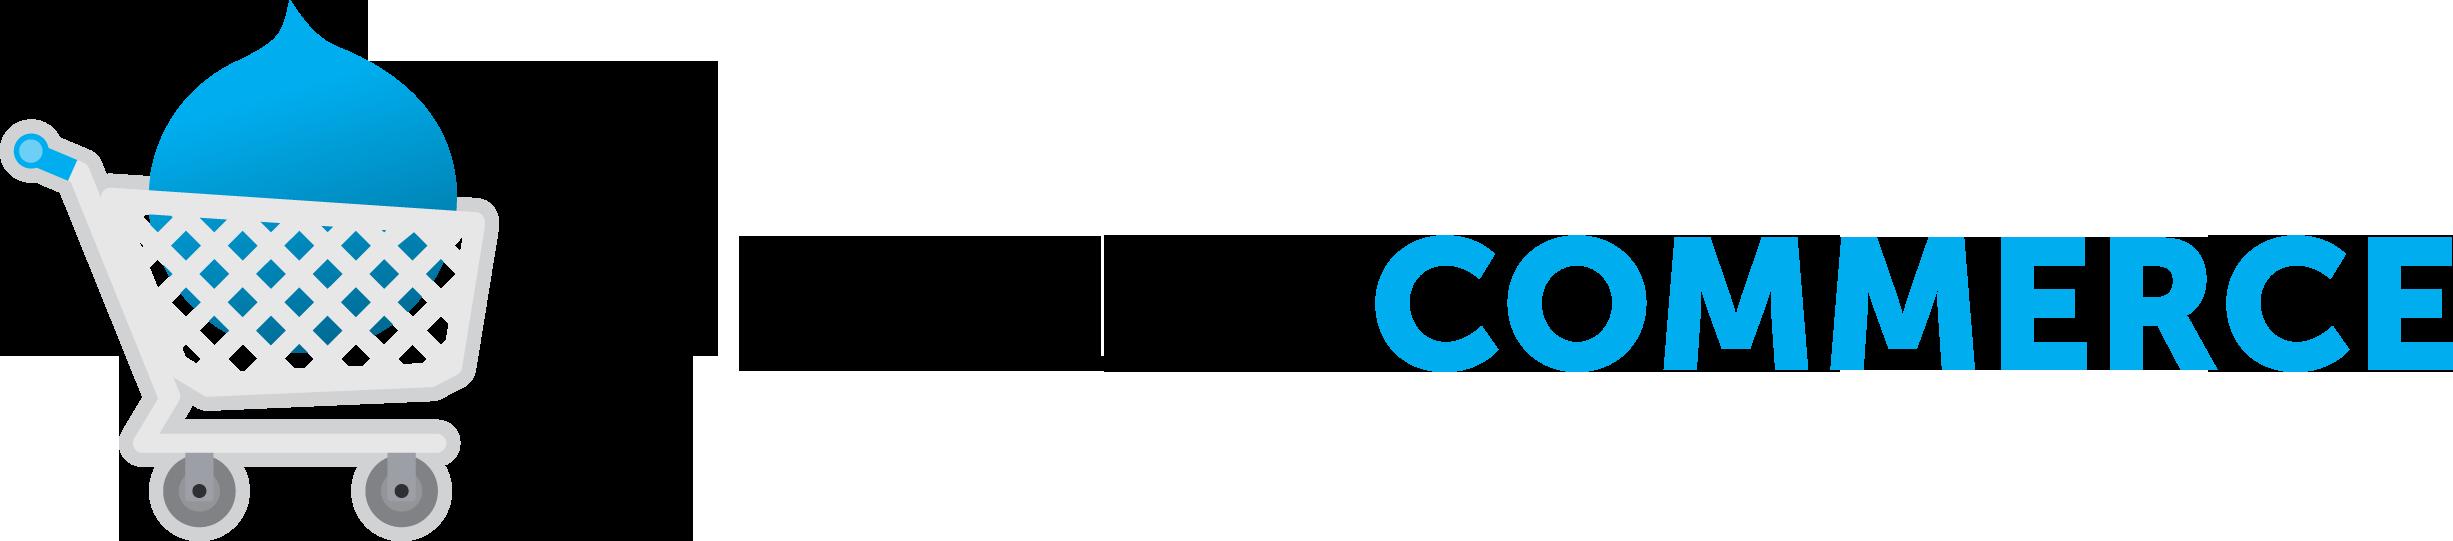 drupal ecommerce solution